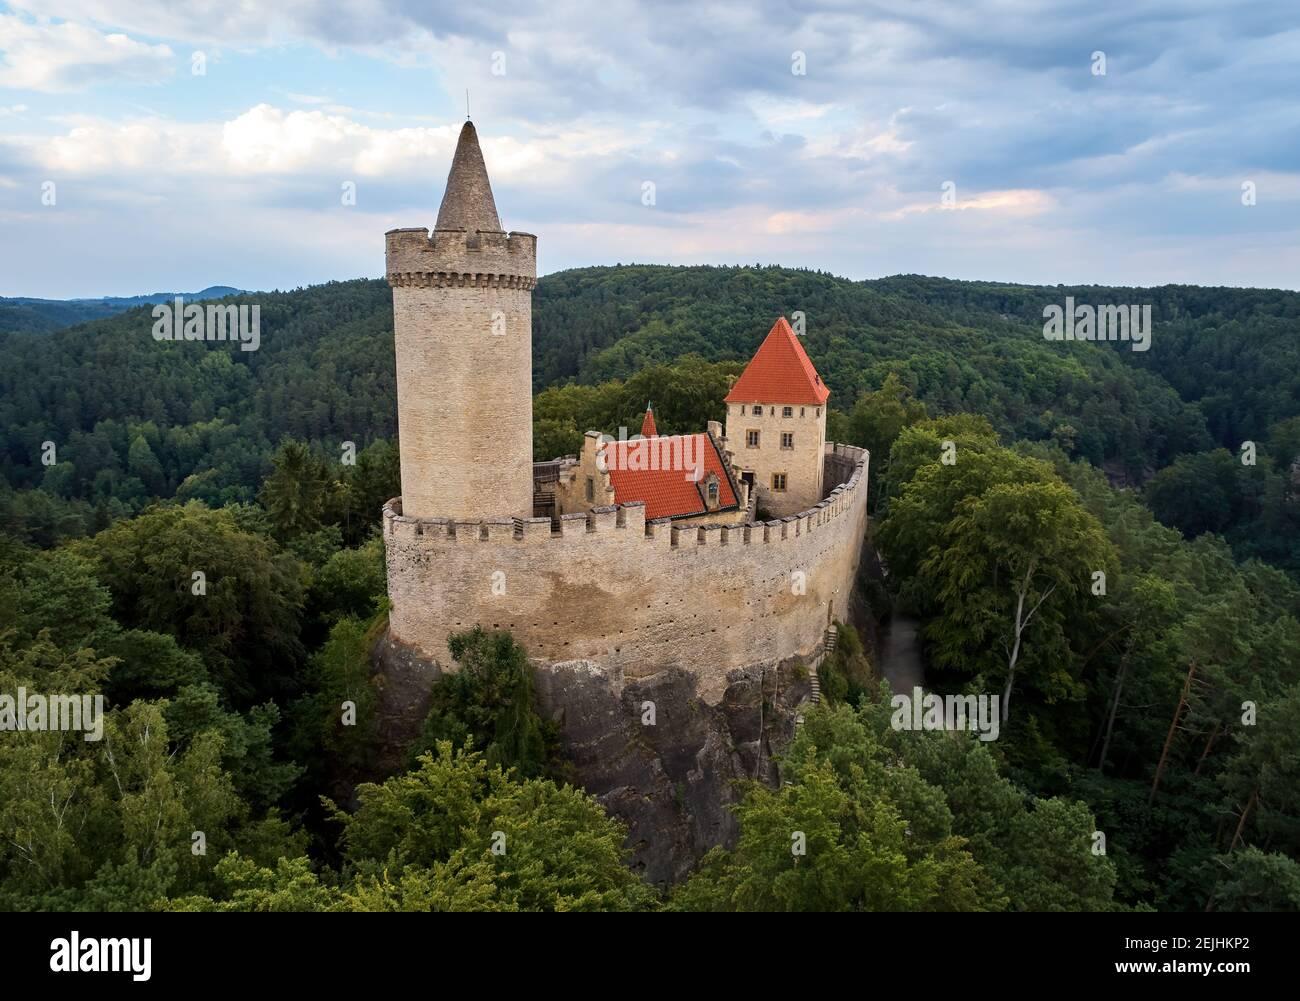 Vue aérienne d'un château médiéval, Kokorin. Palais fortifié avec une tour et un mur sur une colline couverte d'arbres.site touristique. Châteaux dans le C Banque D'Images